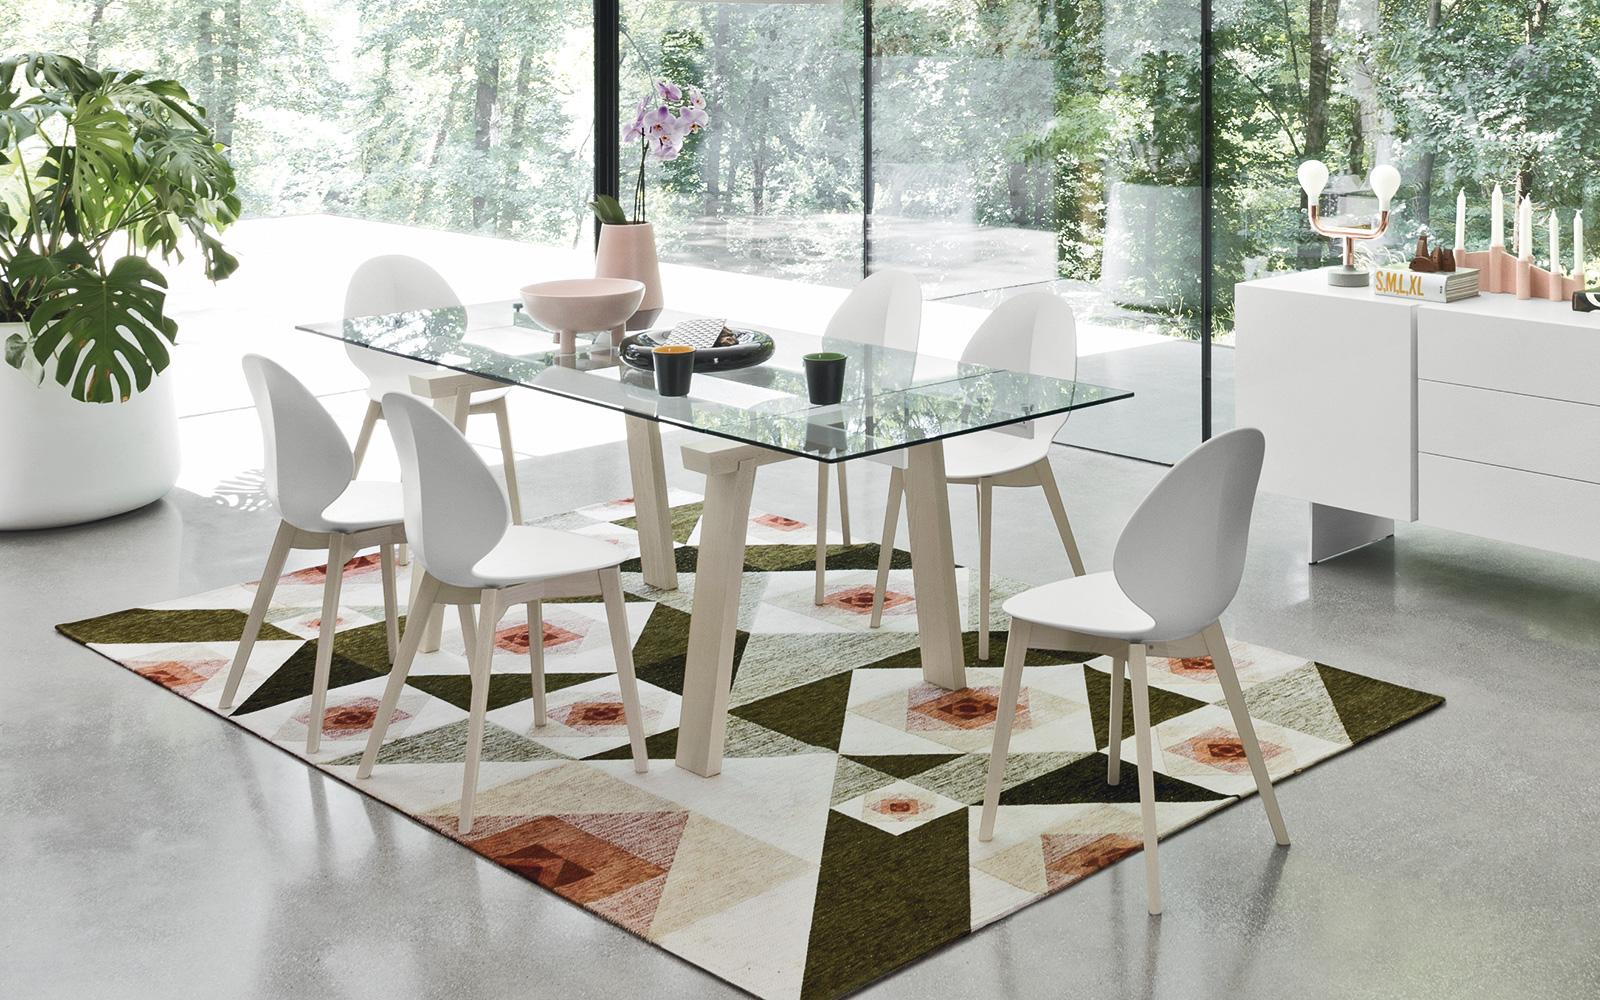 tavolo allungabile legno, metallo e vetro calligaris - Moby arredamenti